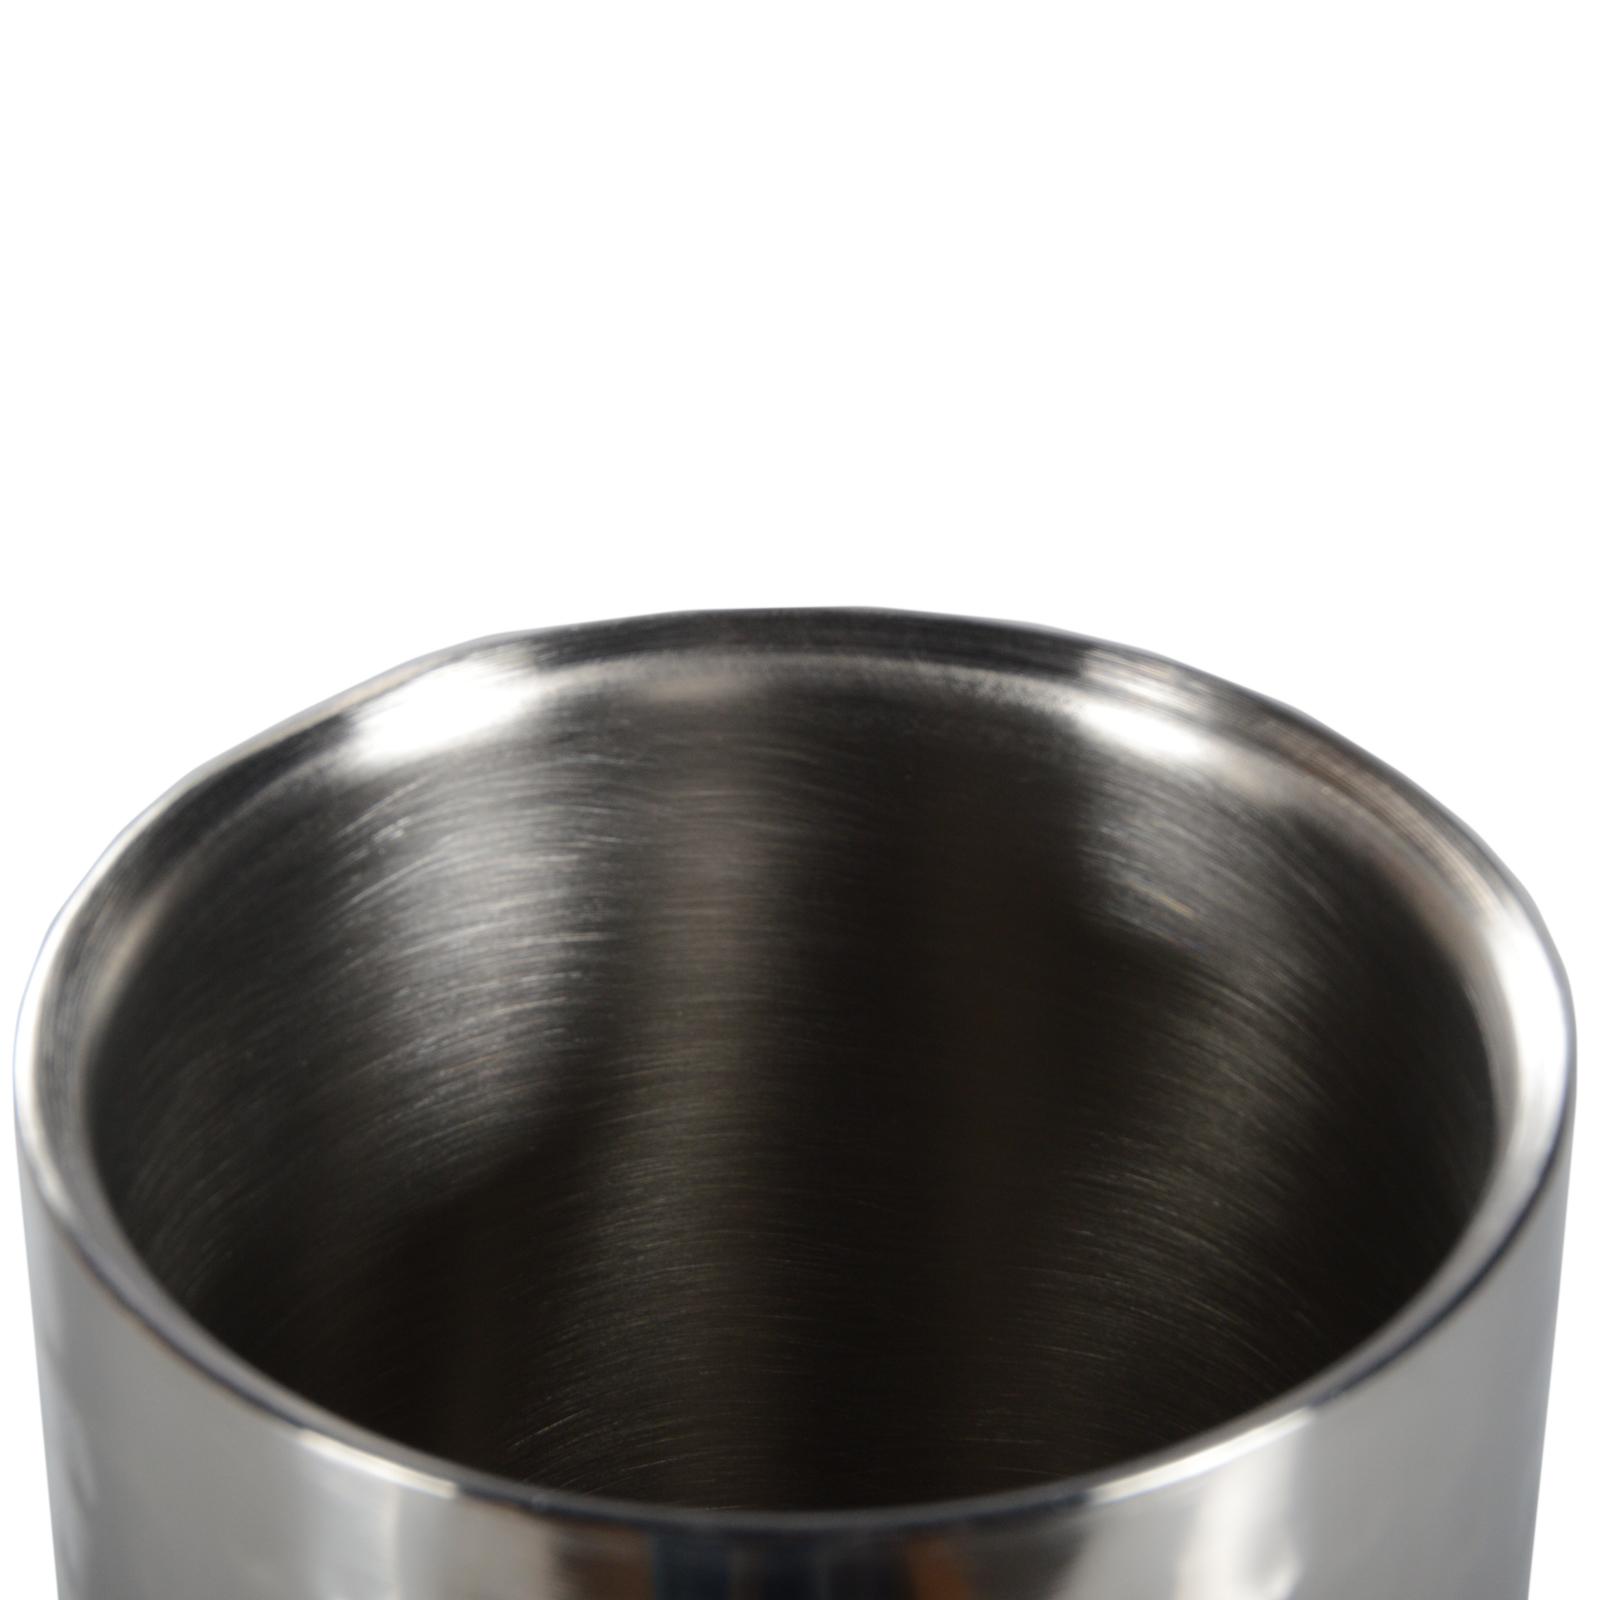 weink hler edelstahl geh mmert silber flaschenk hler sektk hler doppelwandig ebay. Black Bedroom Furniture Sets. Home Design Ideas